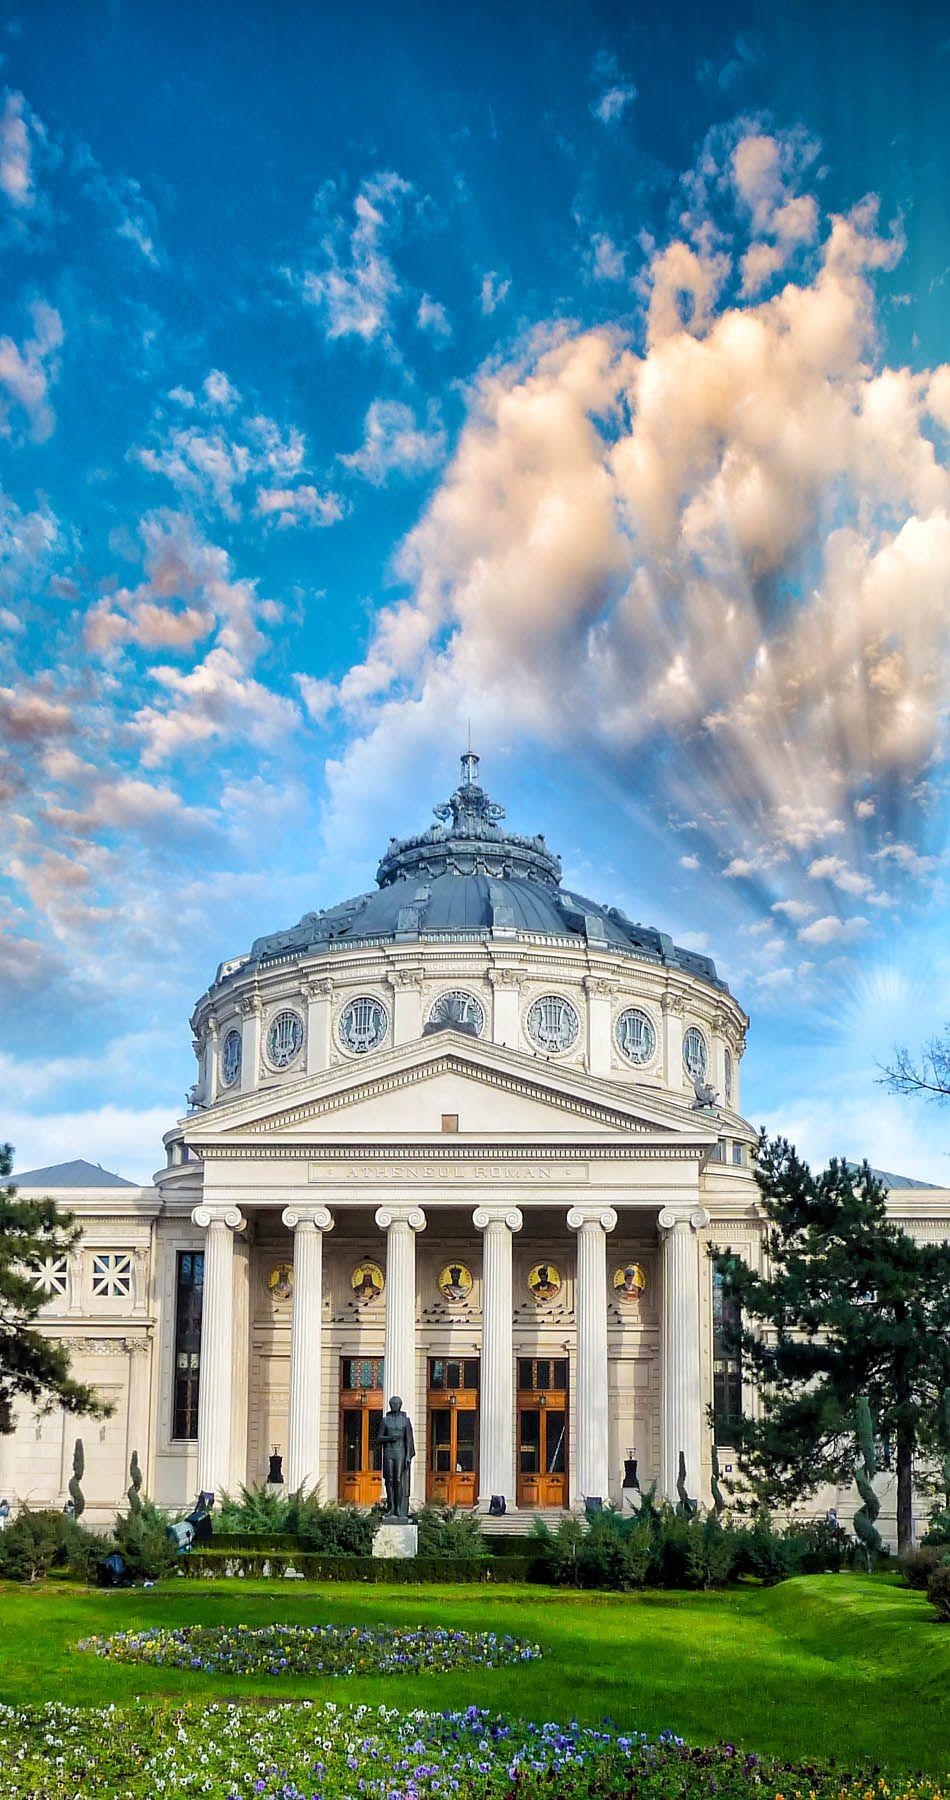 Ateneo rumano es el año del siglo XIX neoclásico sala de conciertos en el centro de Bucarest, Rumania